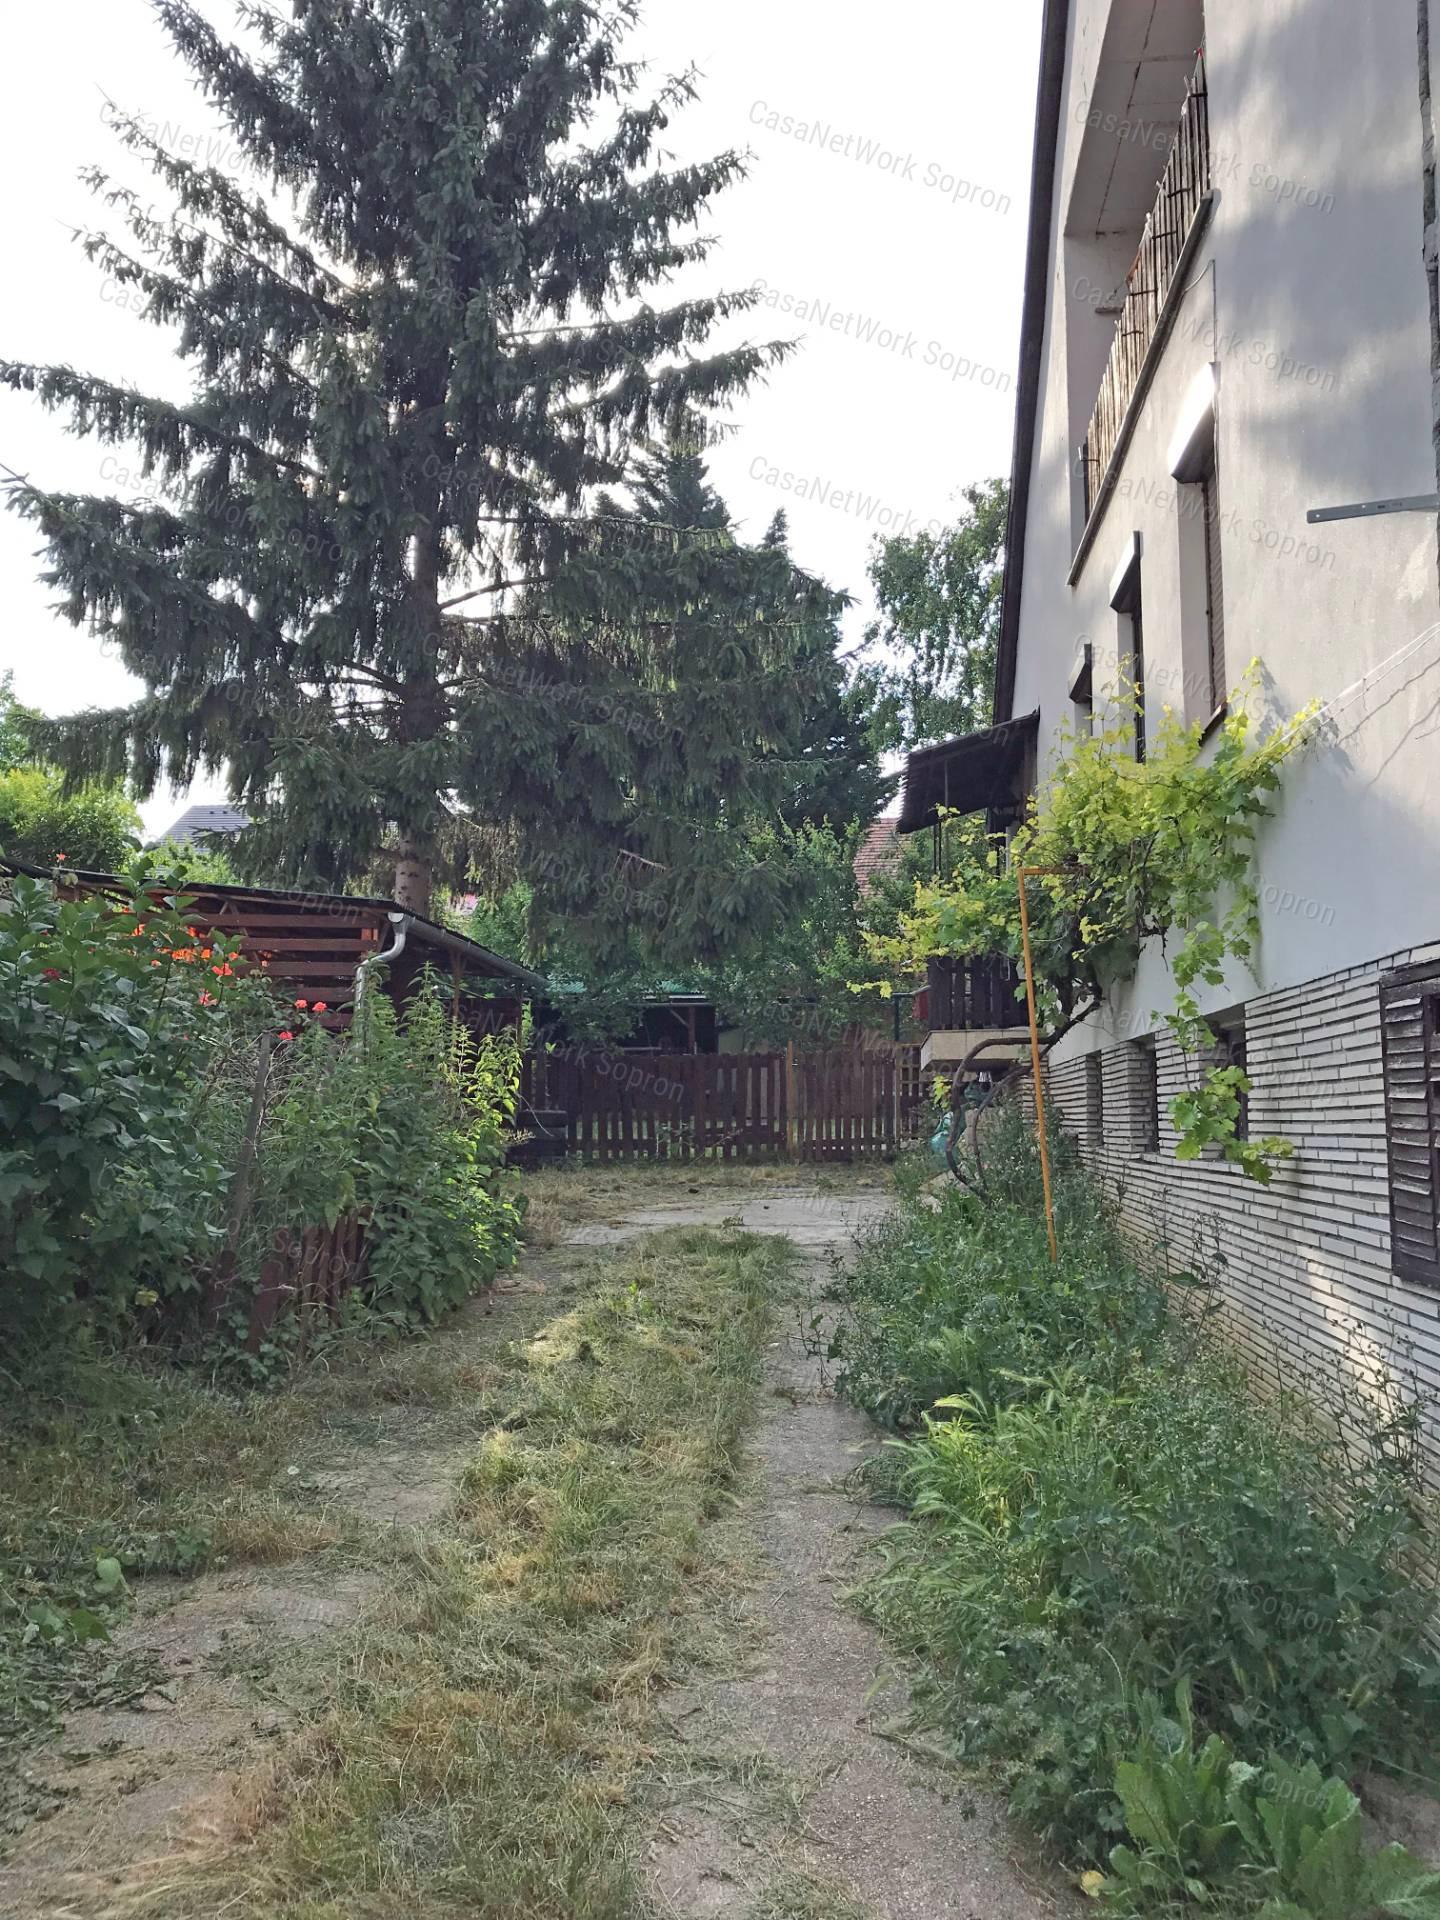 Eladó családi ház, Győr-Moson-Sopron megye, Sopron (Bánfalva) - sz.: 164301791 - CasaNetWork.hu